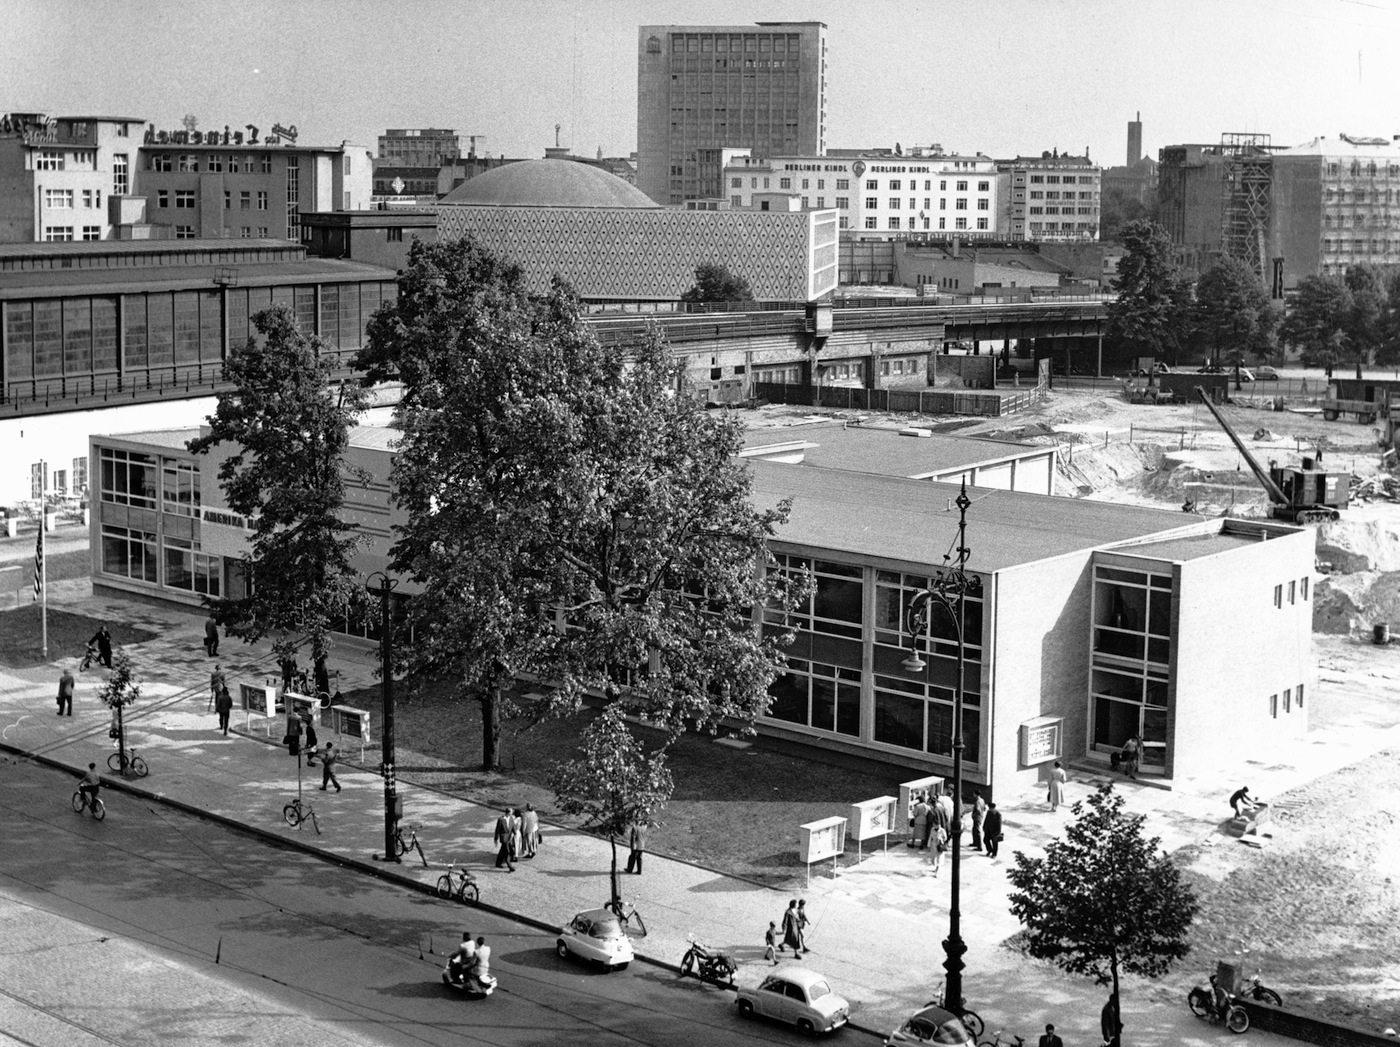 Amerika Haus. Ansicht von oben, 1957